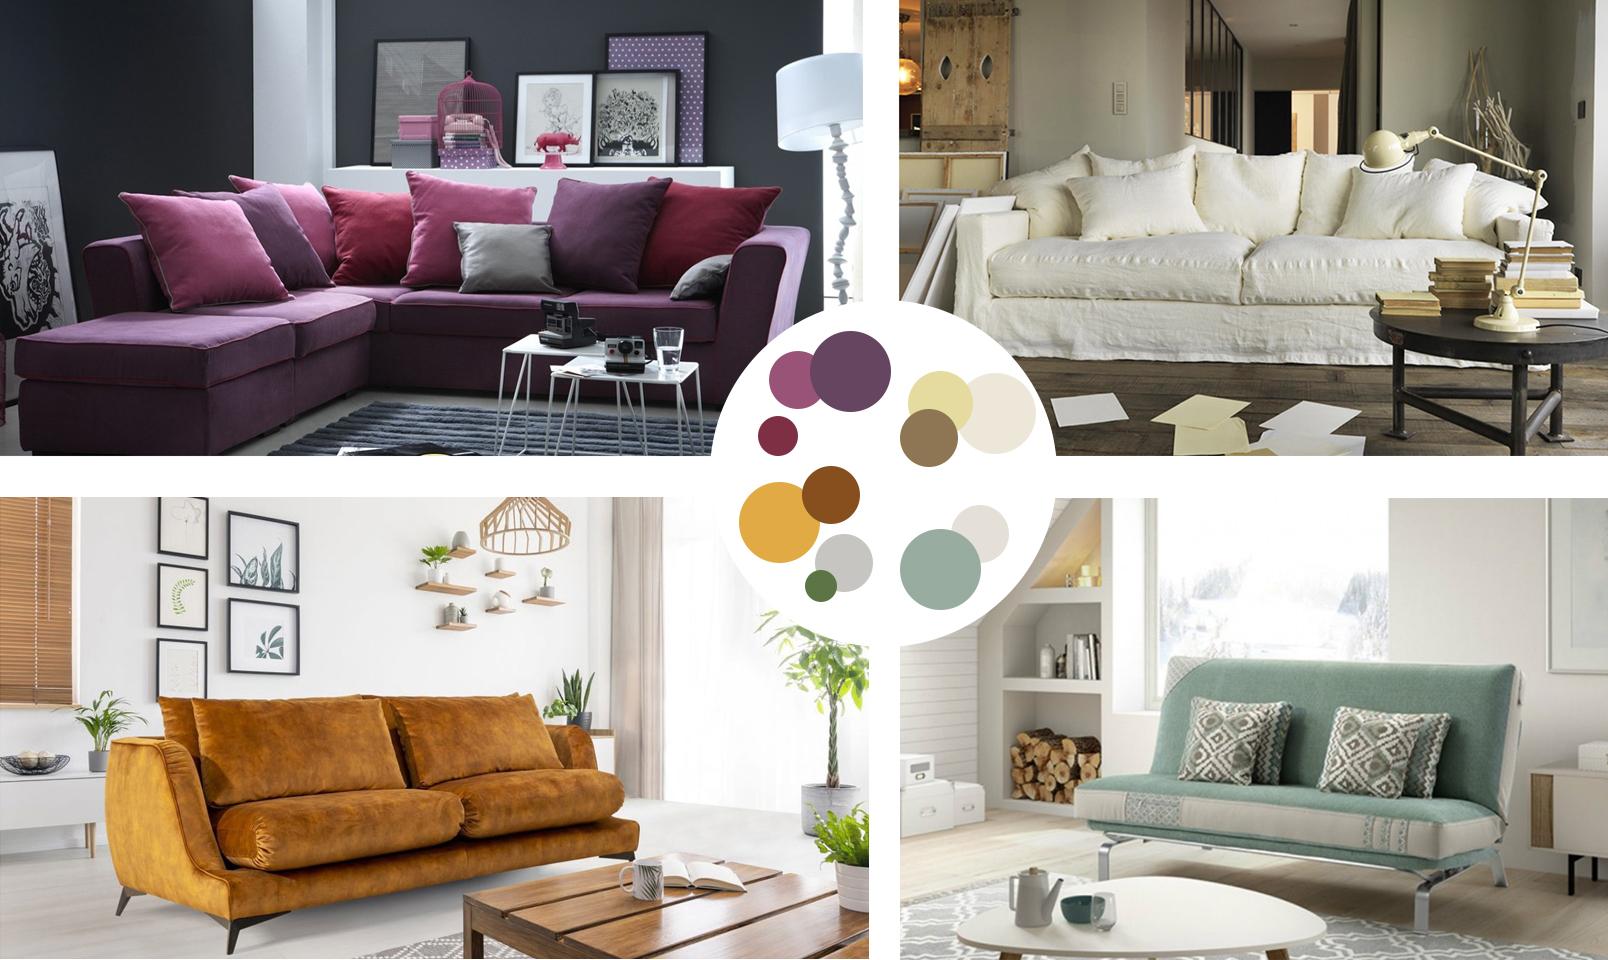 Choisir la couleur de son canapé, tissu et couleurs